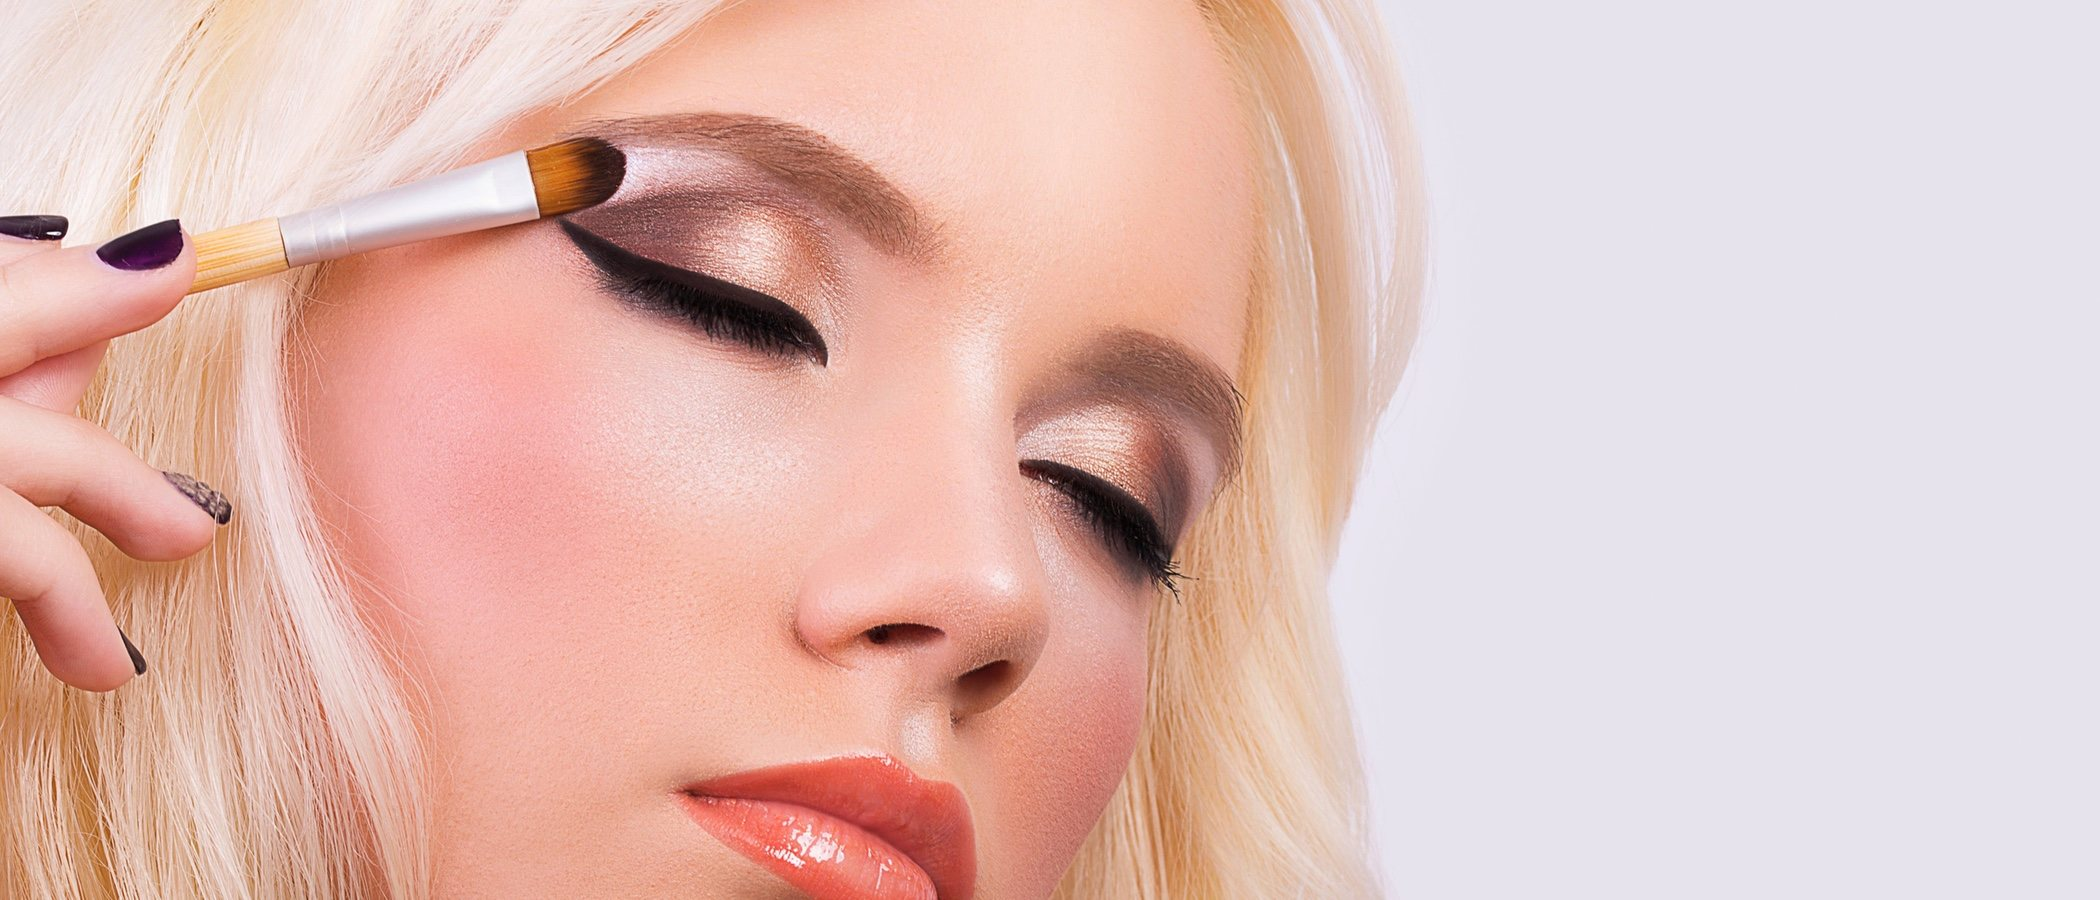 Ojos rasgados: ¿qué sombra de ojos me va mejor?